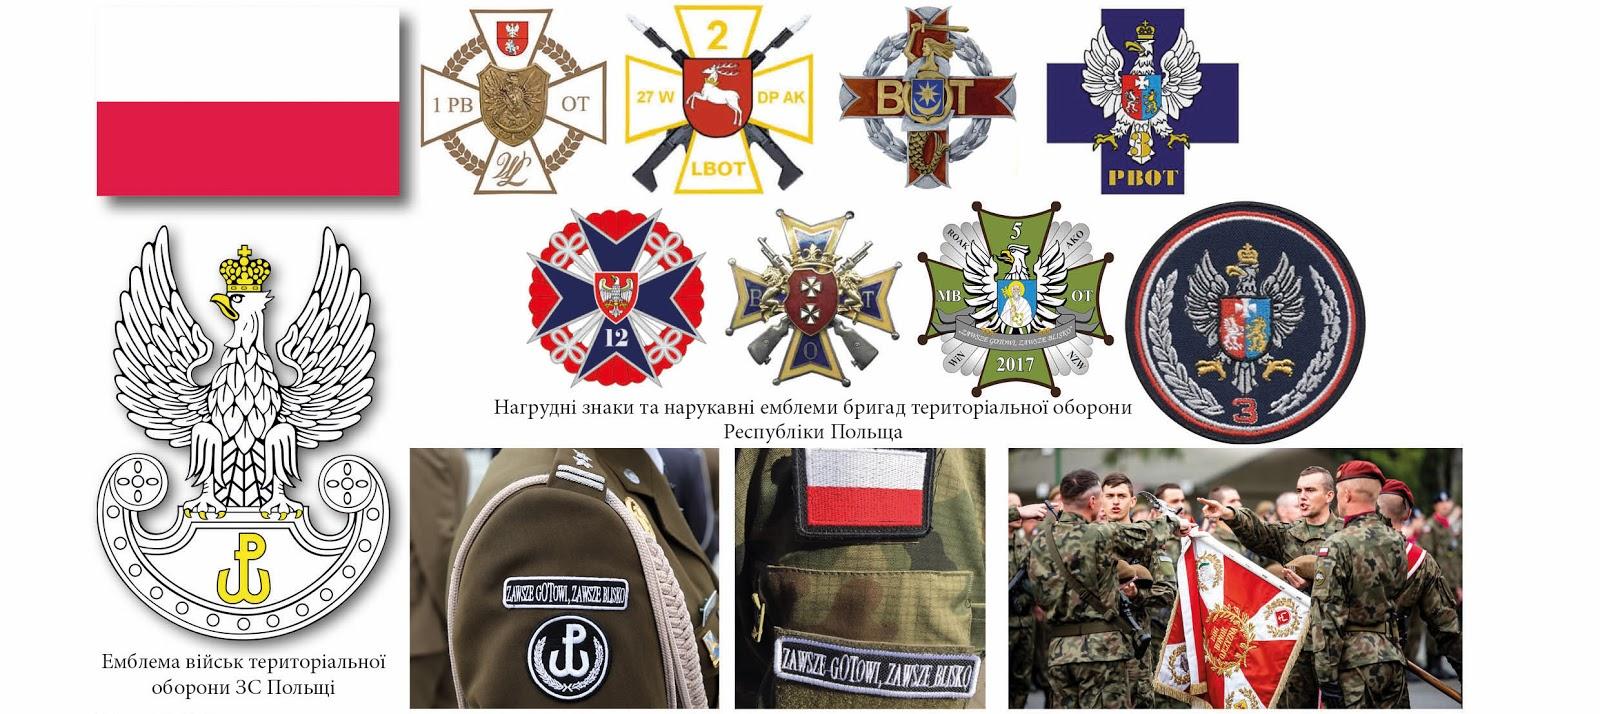 нарукавні емблеми тероборони ЗС Польща